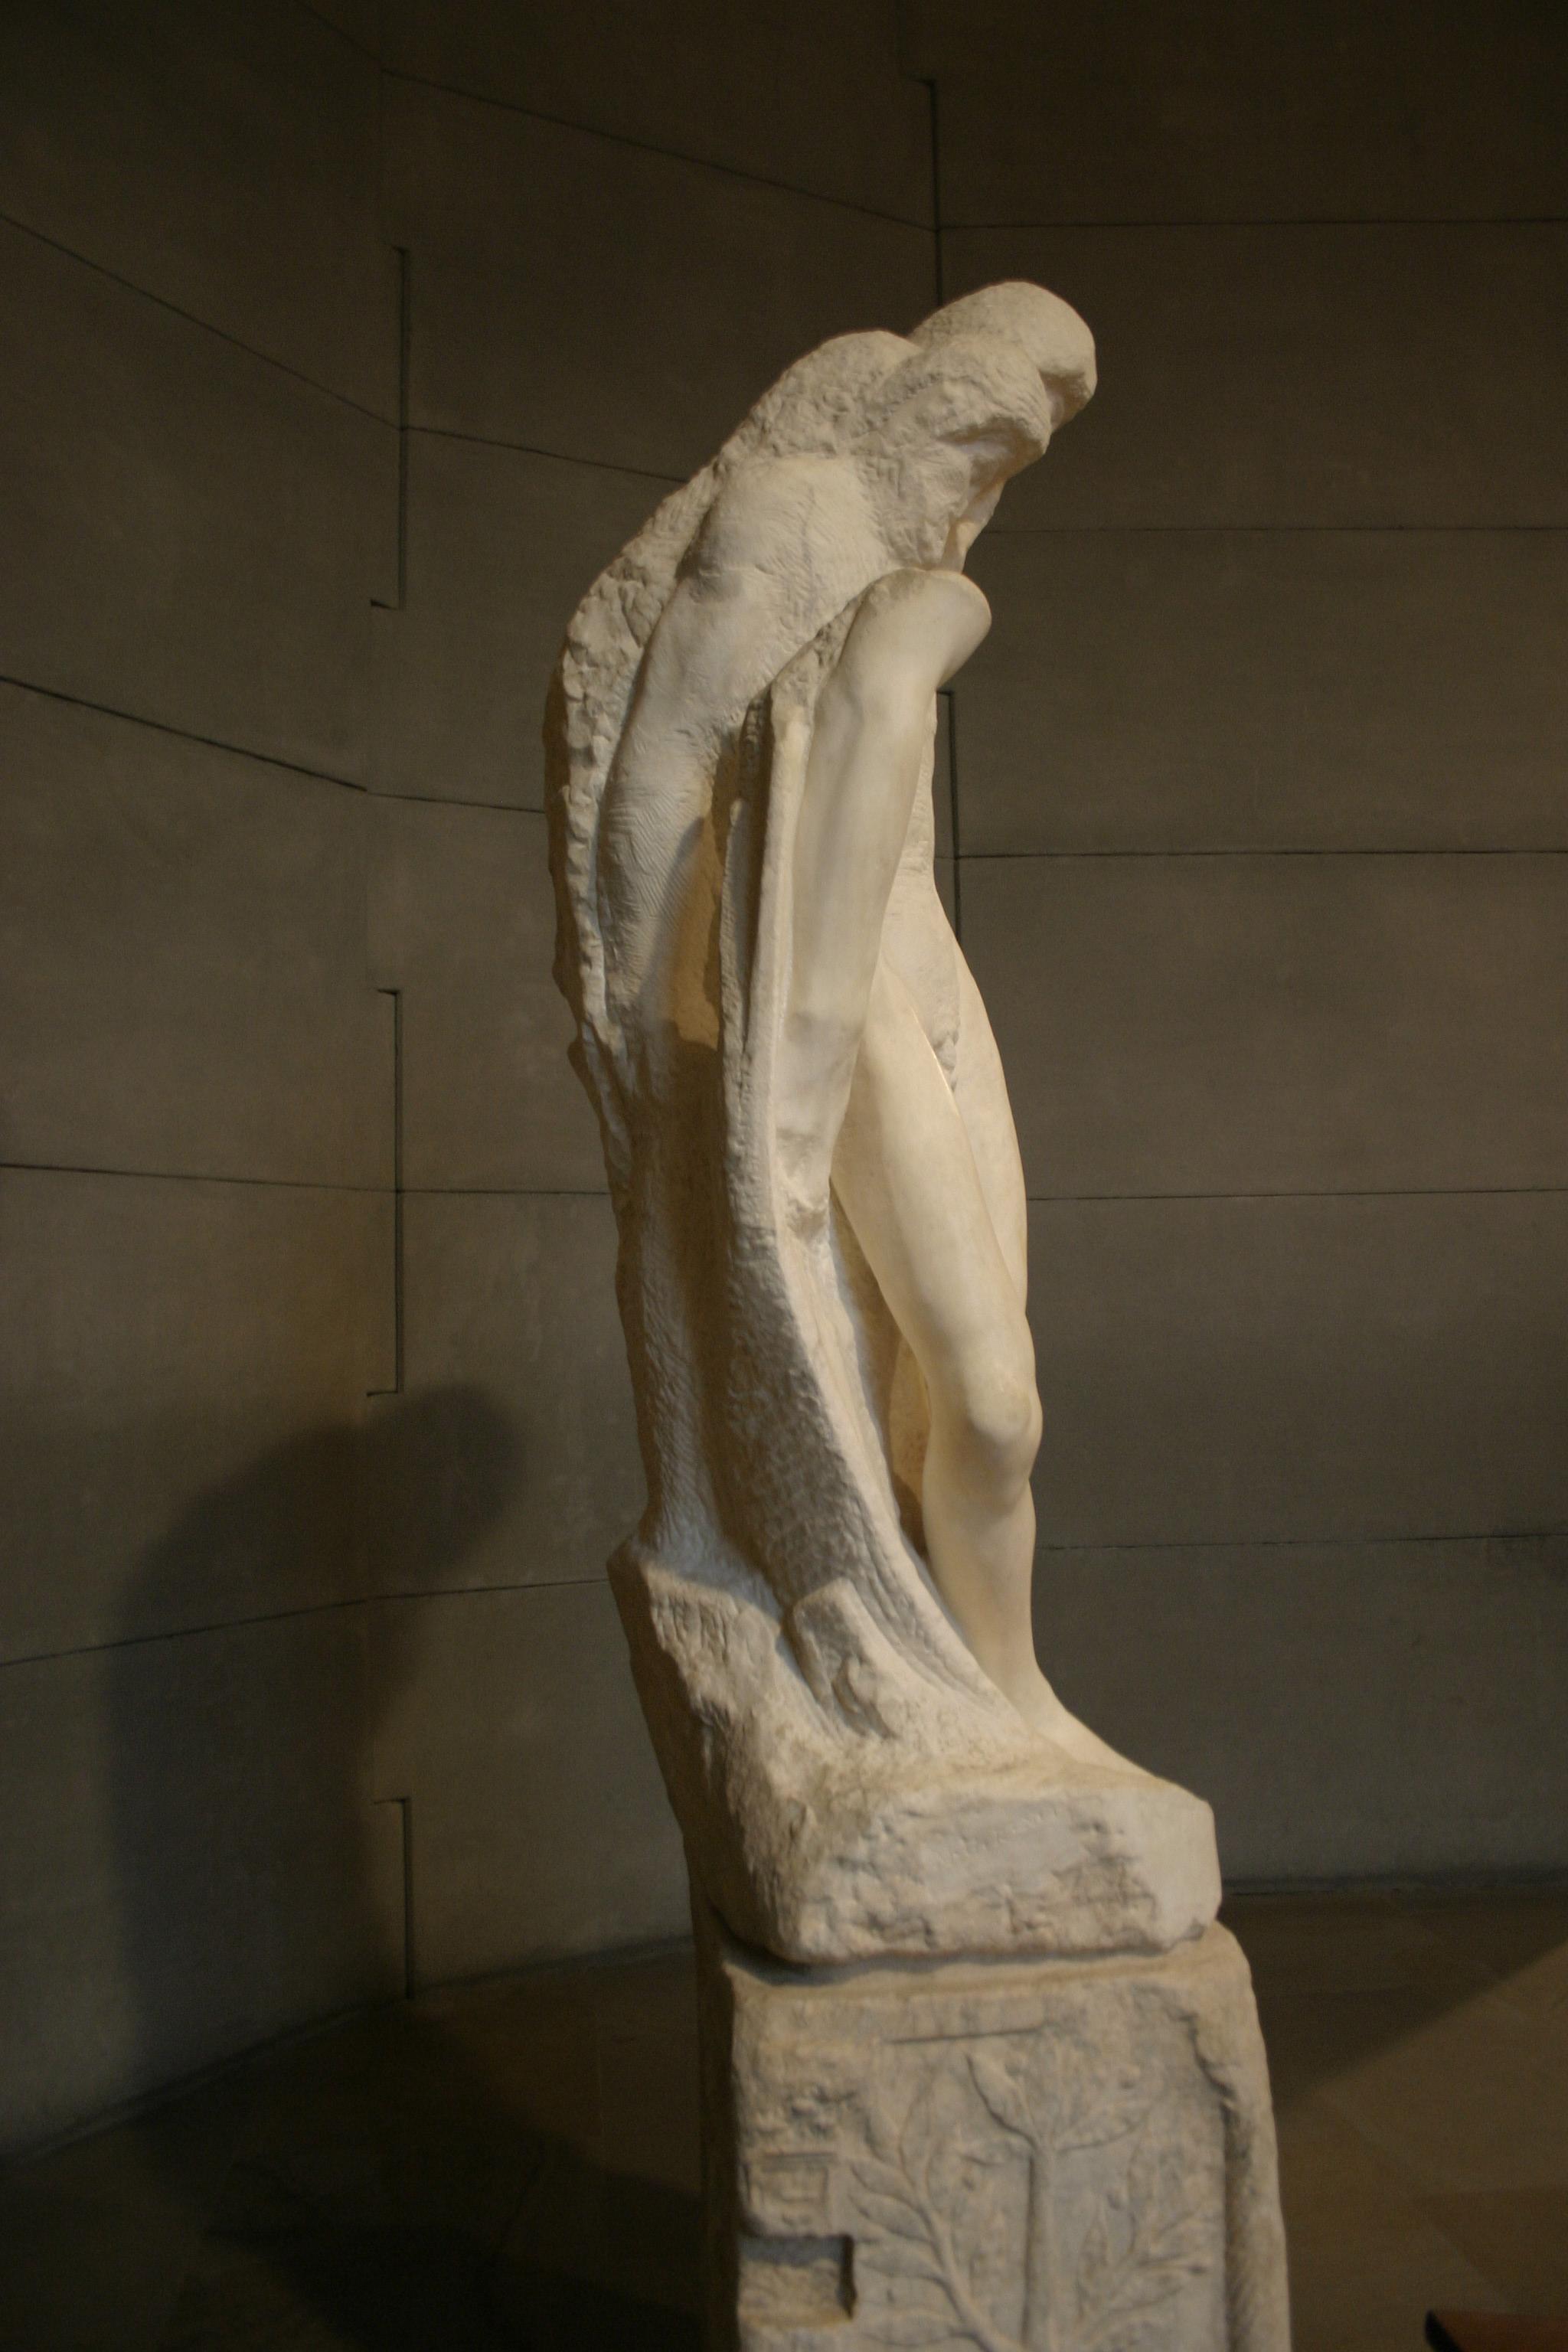 Milano_-_Castello_sforzesco_-_Michelangelo,_Pietà_Rondanini_by_Michelangelo_(1564)_-_Foto_Giovanni_DallOrto,_6-jan-2006_-_09